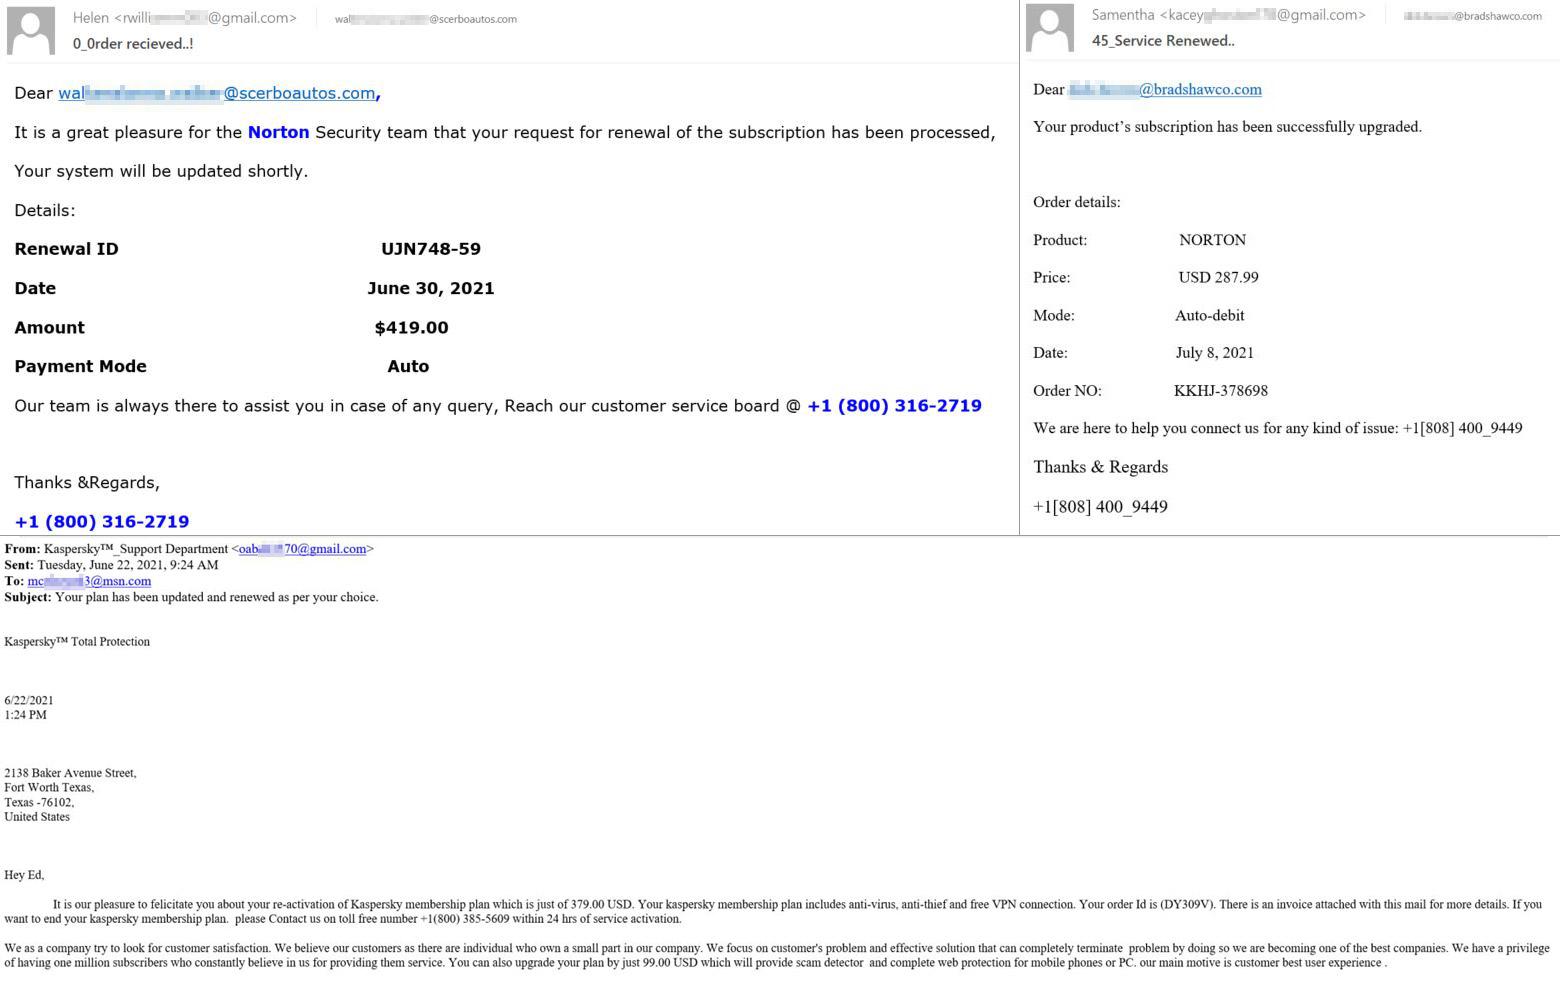 Фальшивые уведомления о приобретении лицензии Norton и Kaspersky Total Protection с вишинговыми номерами телефона